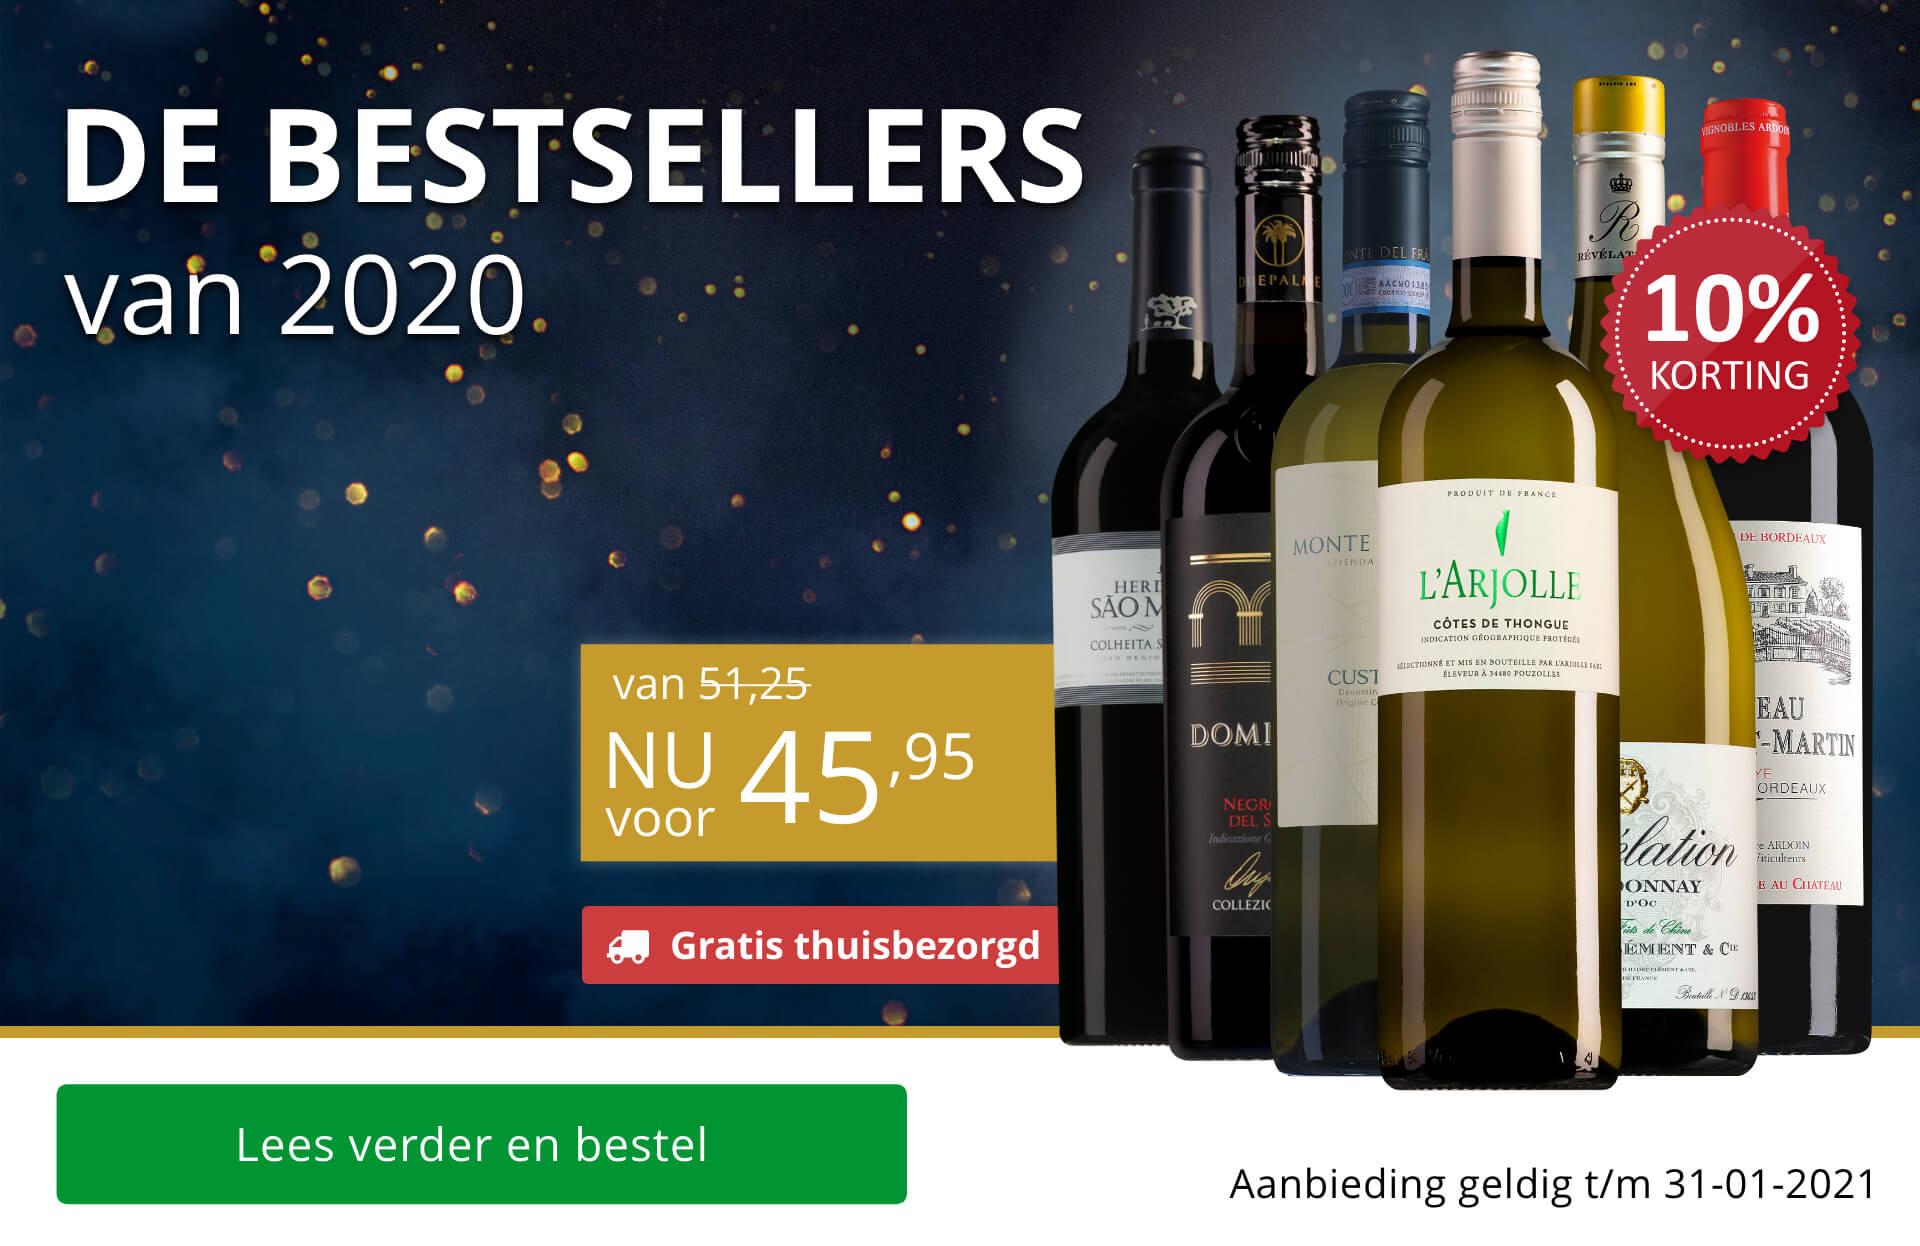 Wijnpakket Bestsellers van 2020 (Gratis thuisbezorgd)